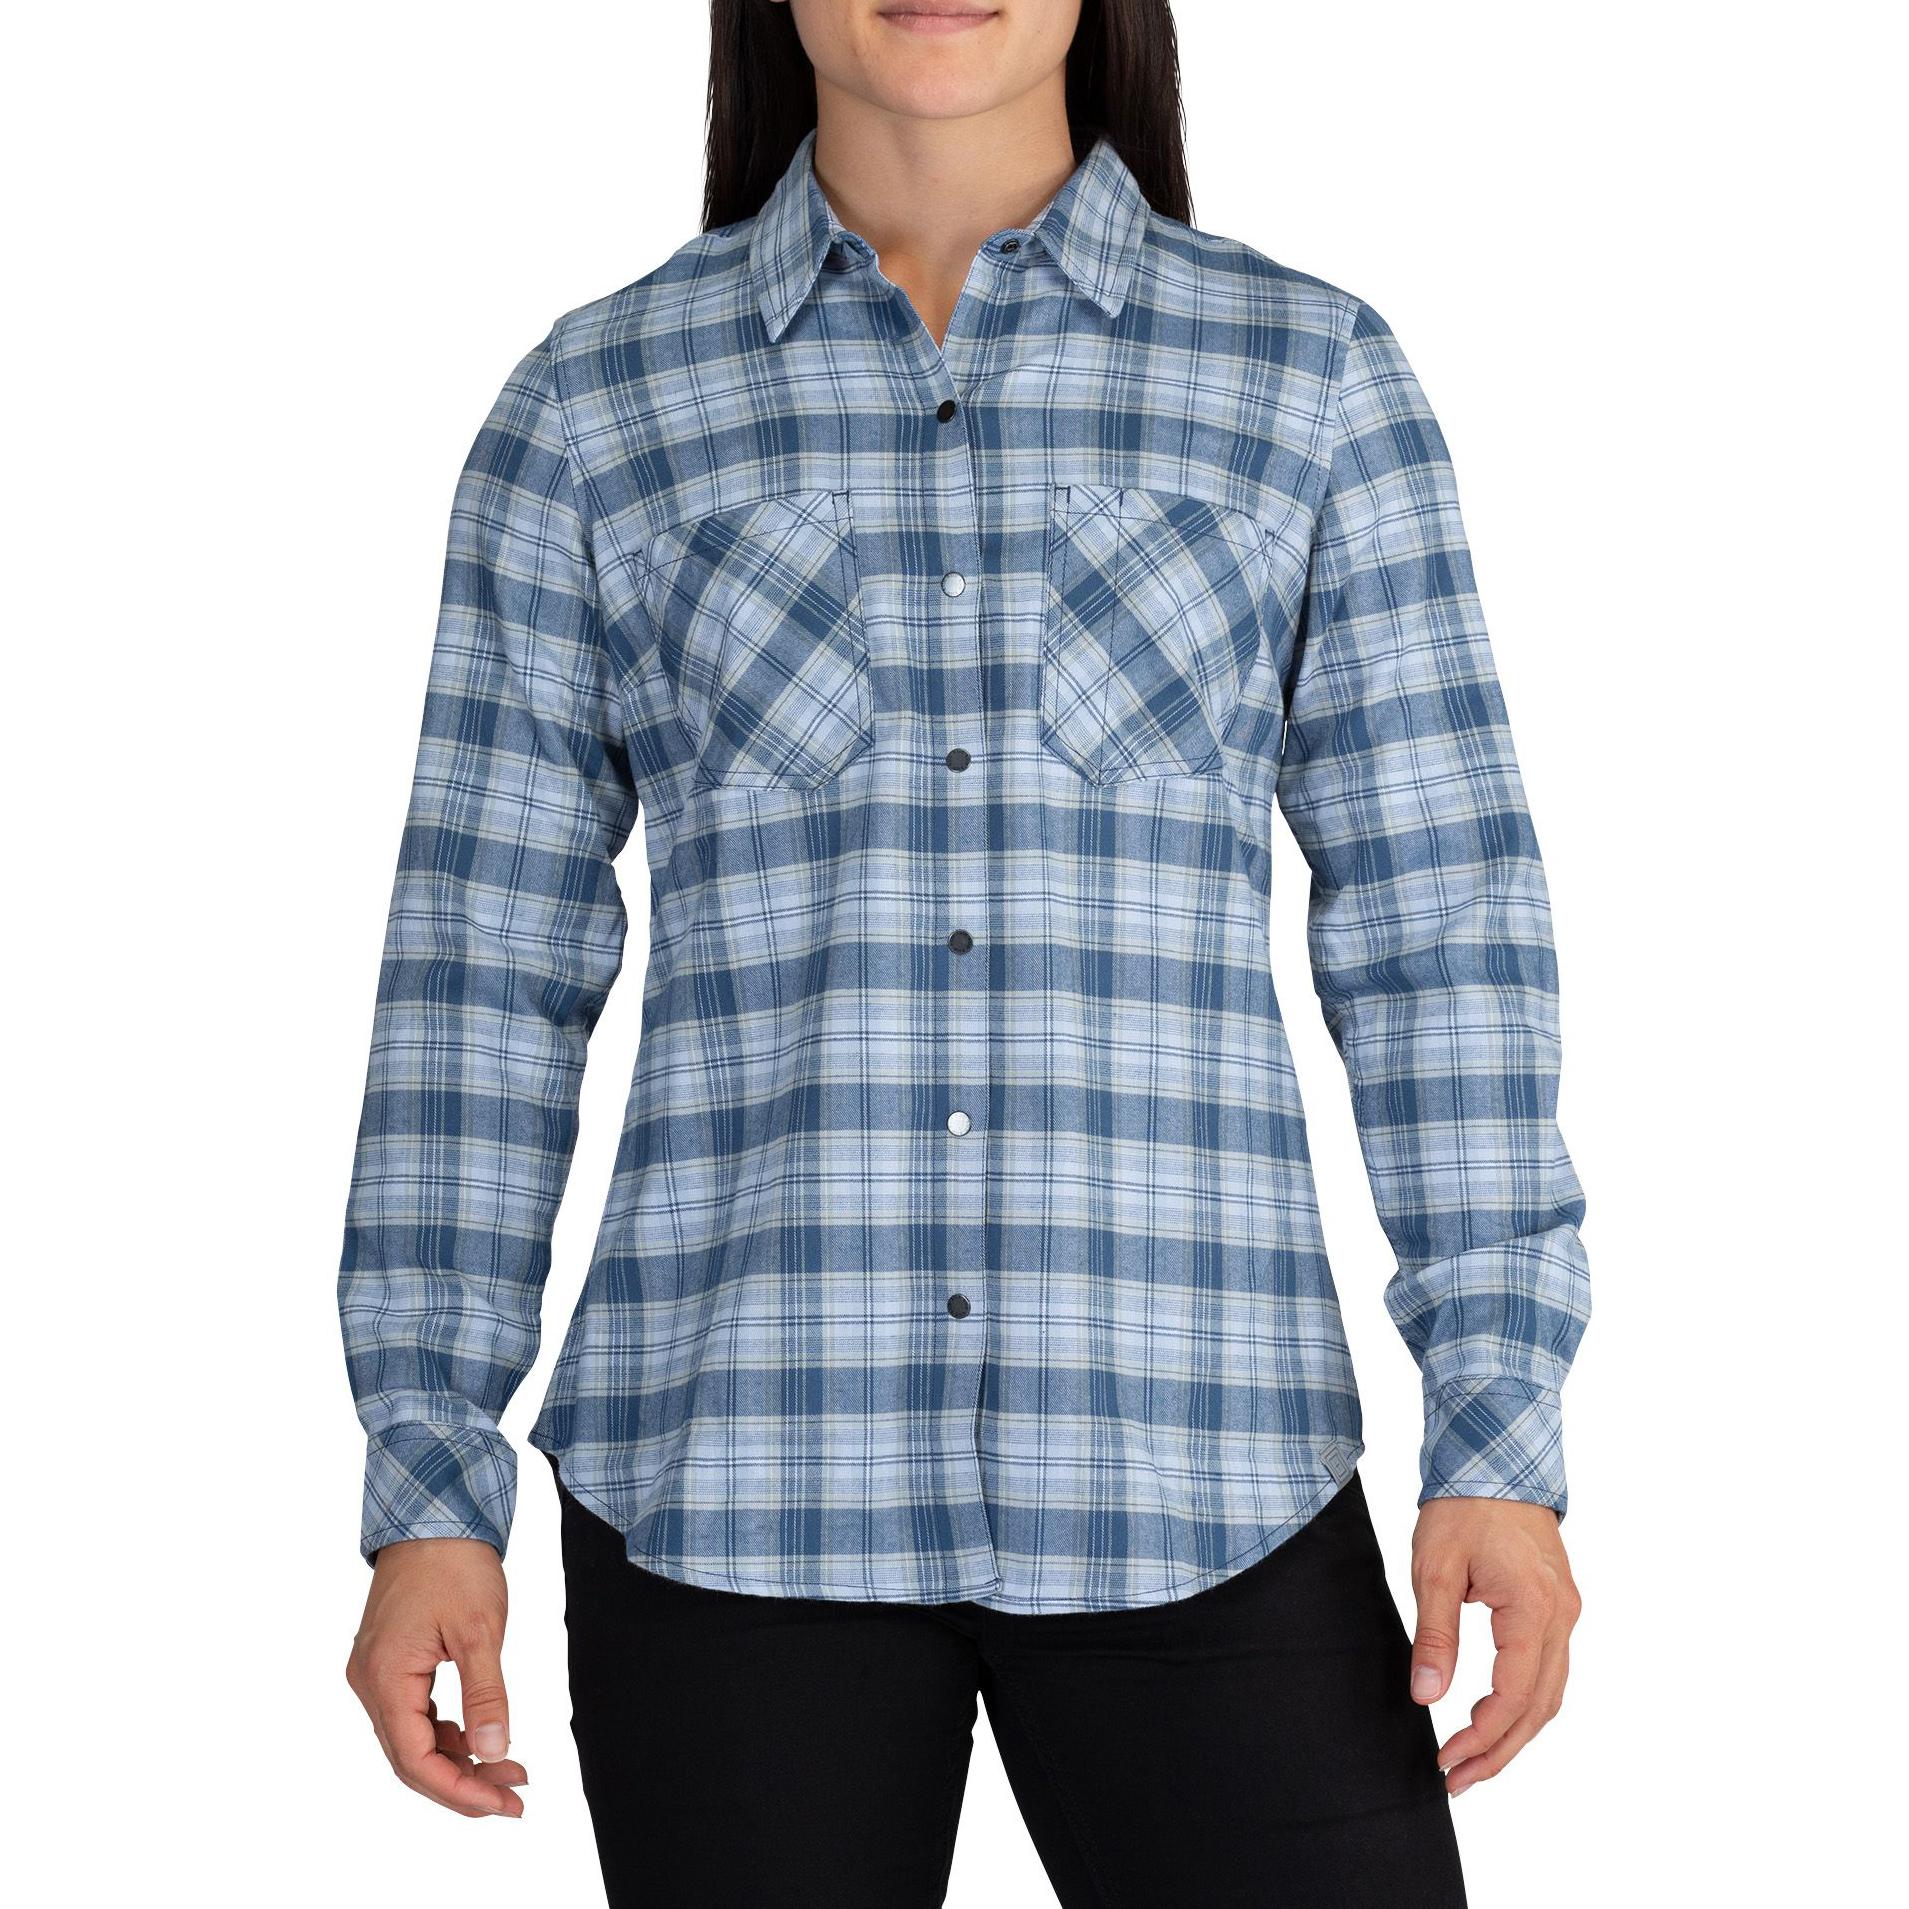 5.11 Women's Hanna Long-Sleeve Flannel Shirt